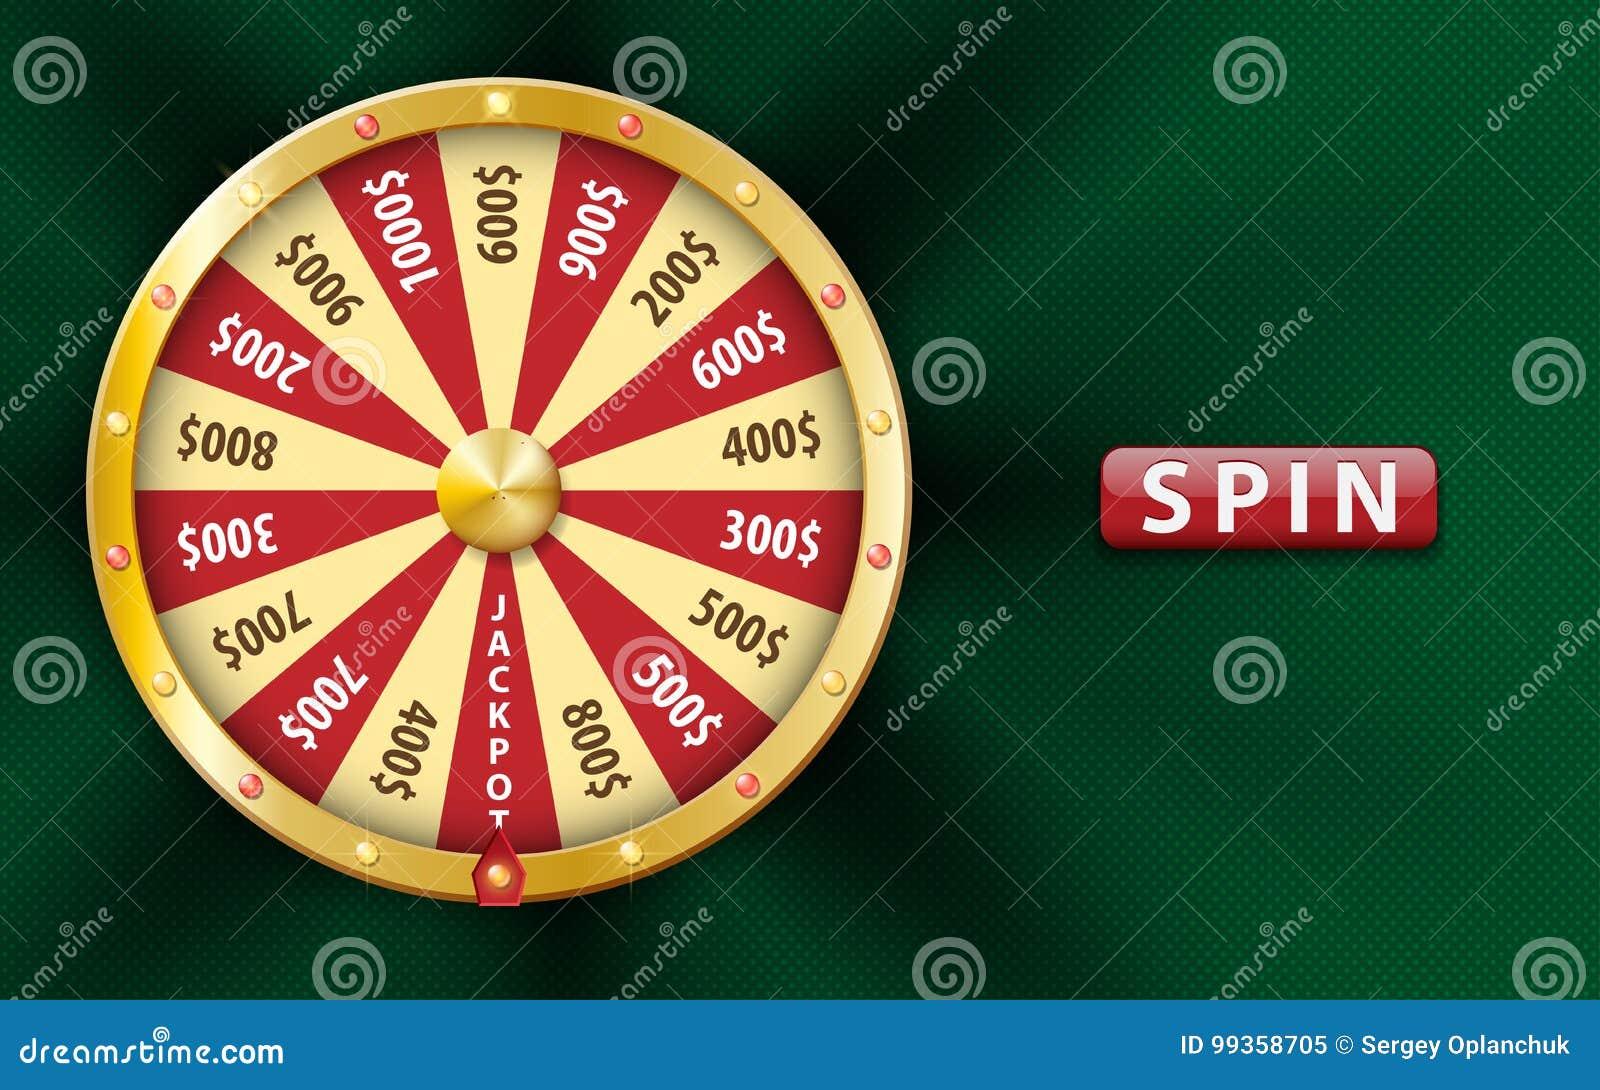 金子现实3d时运轮子,幸运的比赛旋转,在绿色背景的豪华轮盘赌 金钱的赌博娱乐场背景